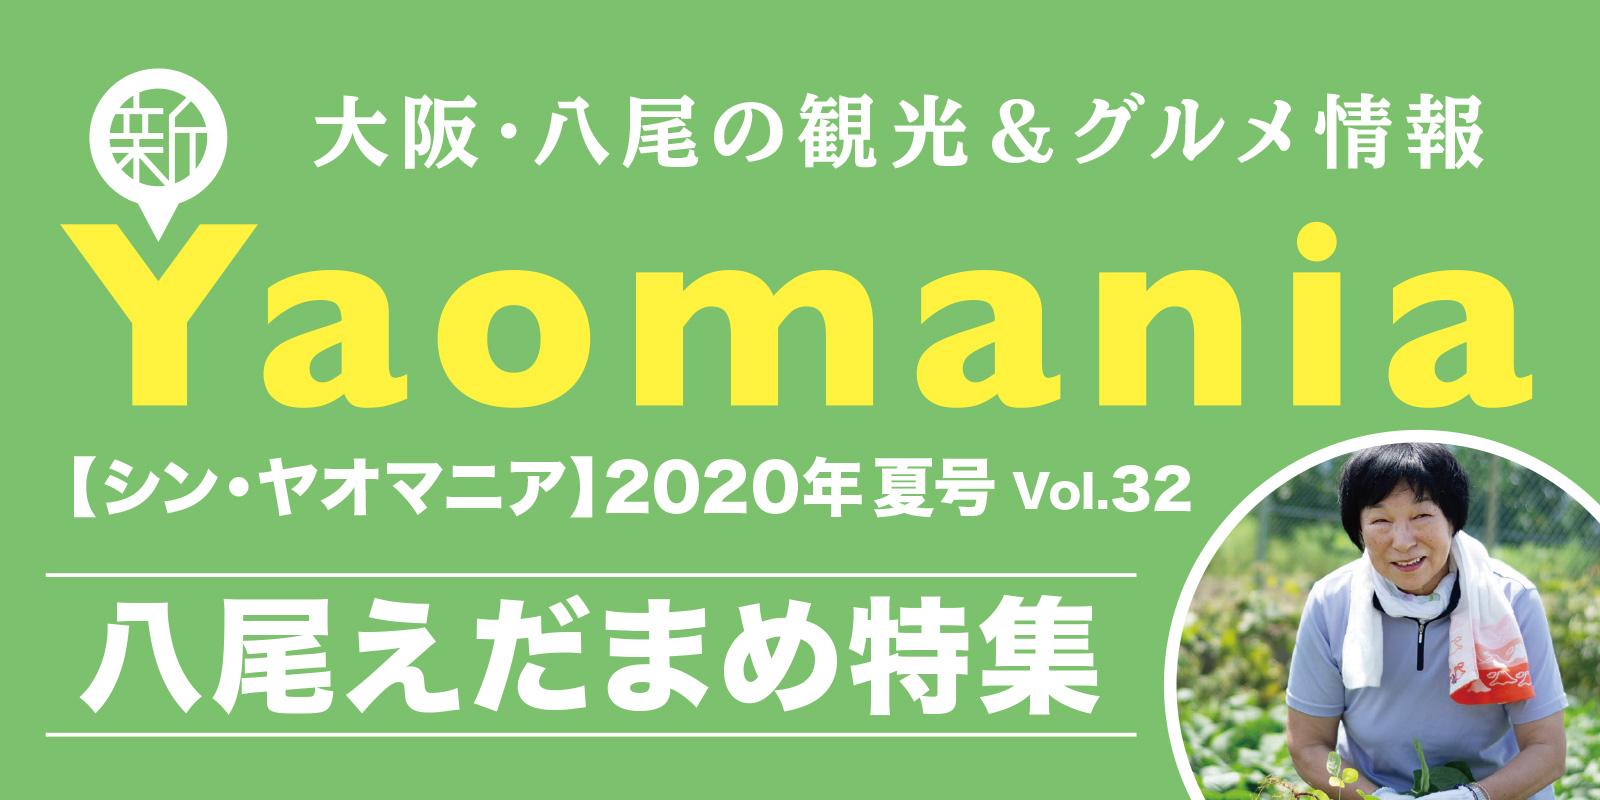 新Yaomania(シン・ヤオマニア)夏号 2020.7.31 八尾えだまめ特集(大阪府八尾市)